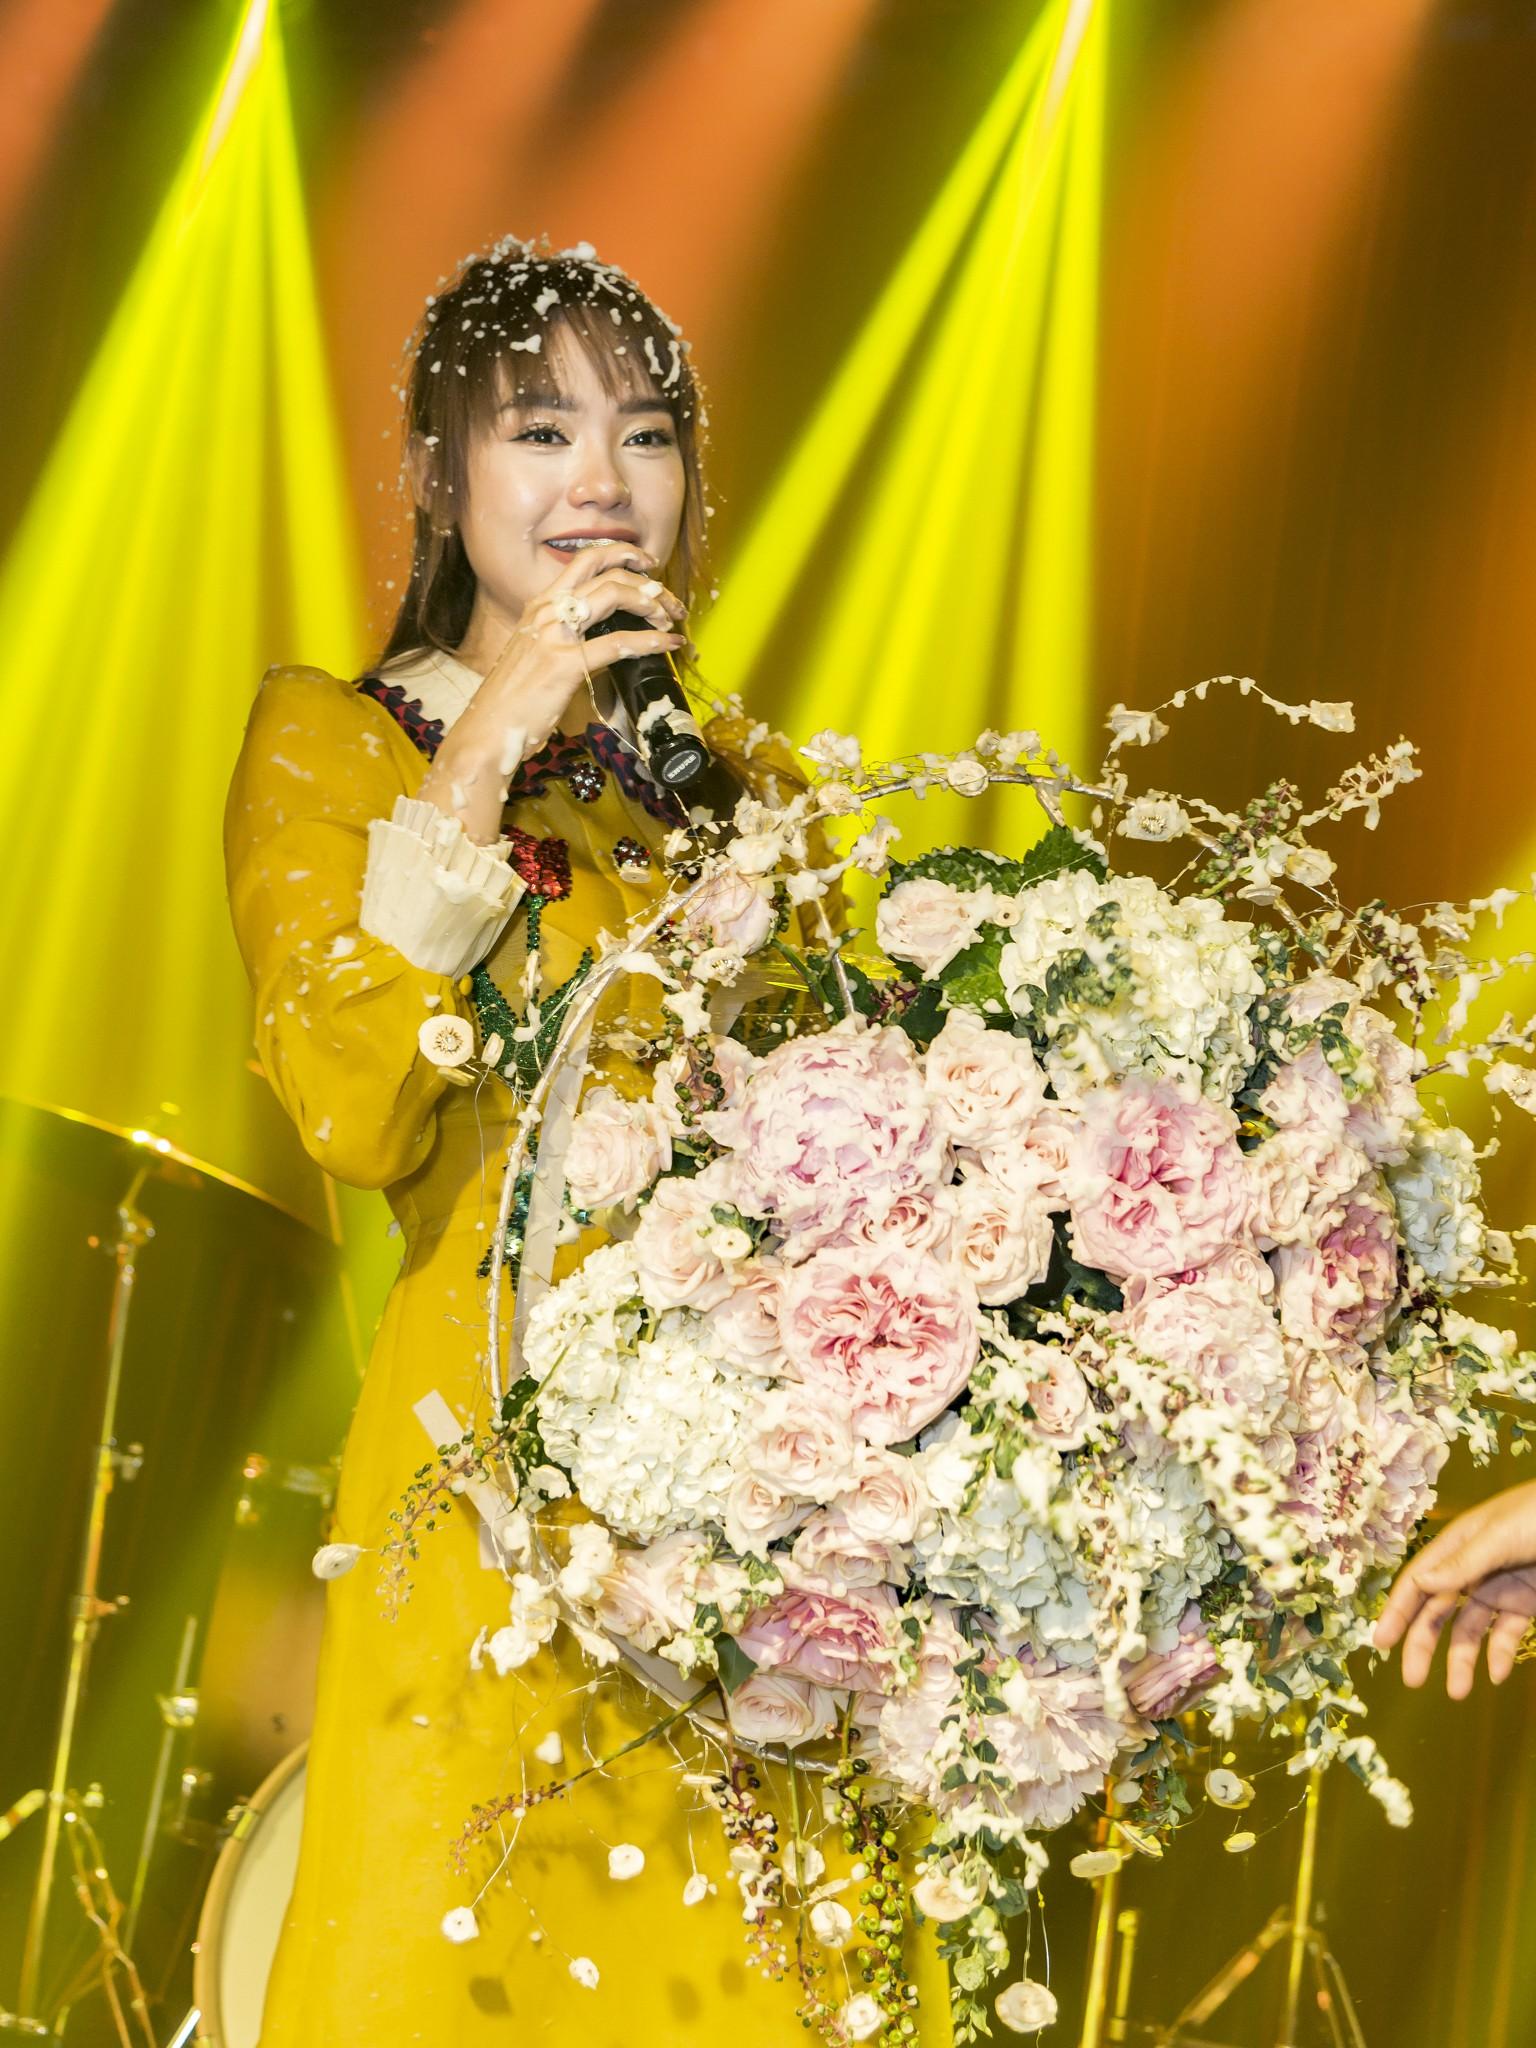 Hội fan cứng 10 năm đột kích, tổ chức sinh nhật bất ngờ khiến Minh Hằng khóc nức nở - Ảnh 2.